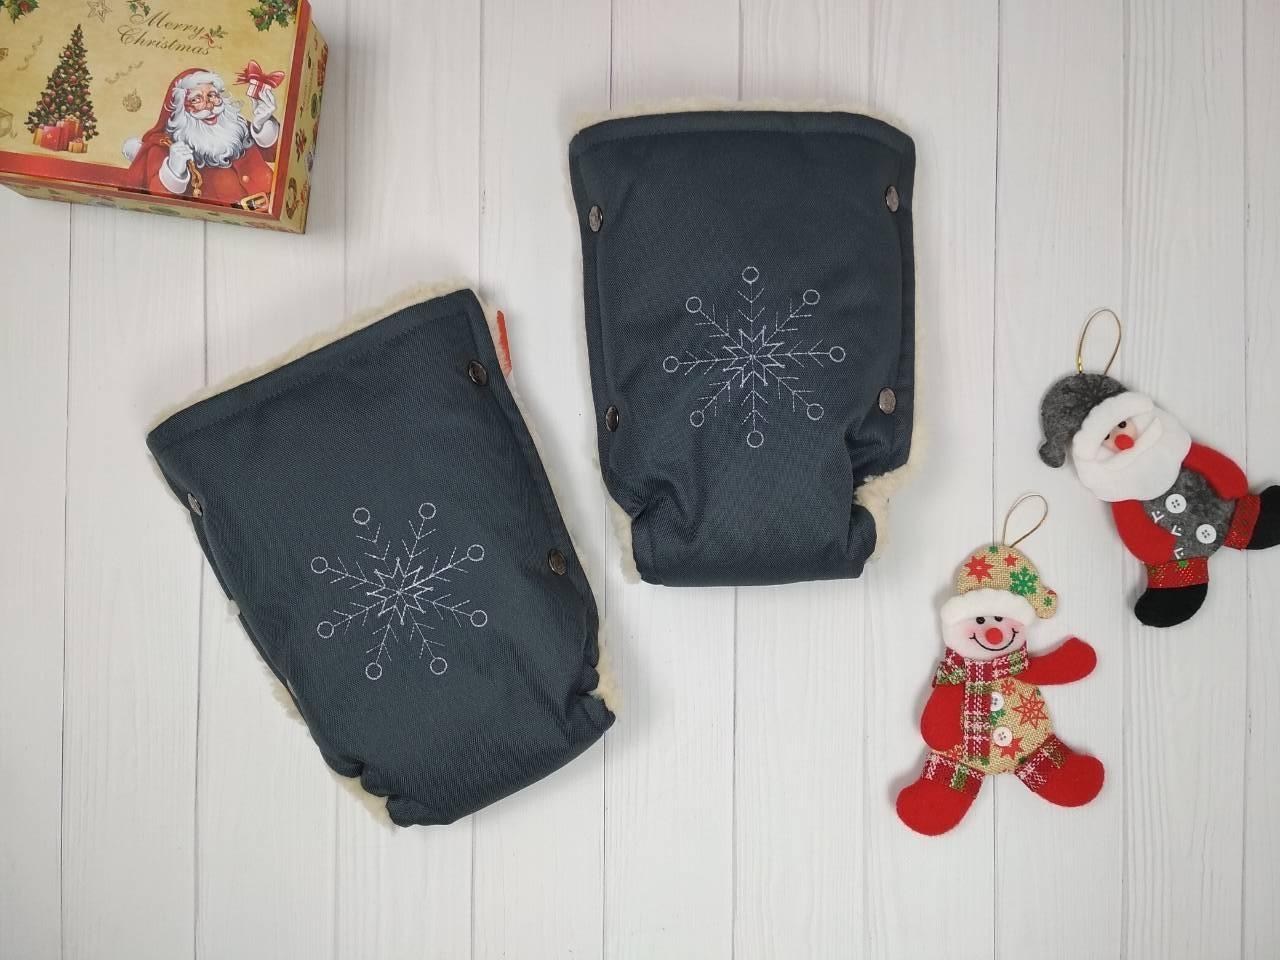 Меховые рукавицы для санок и колясок Кидс серого цвета